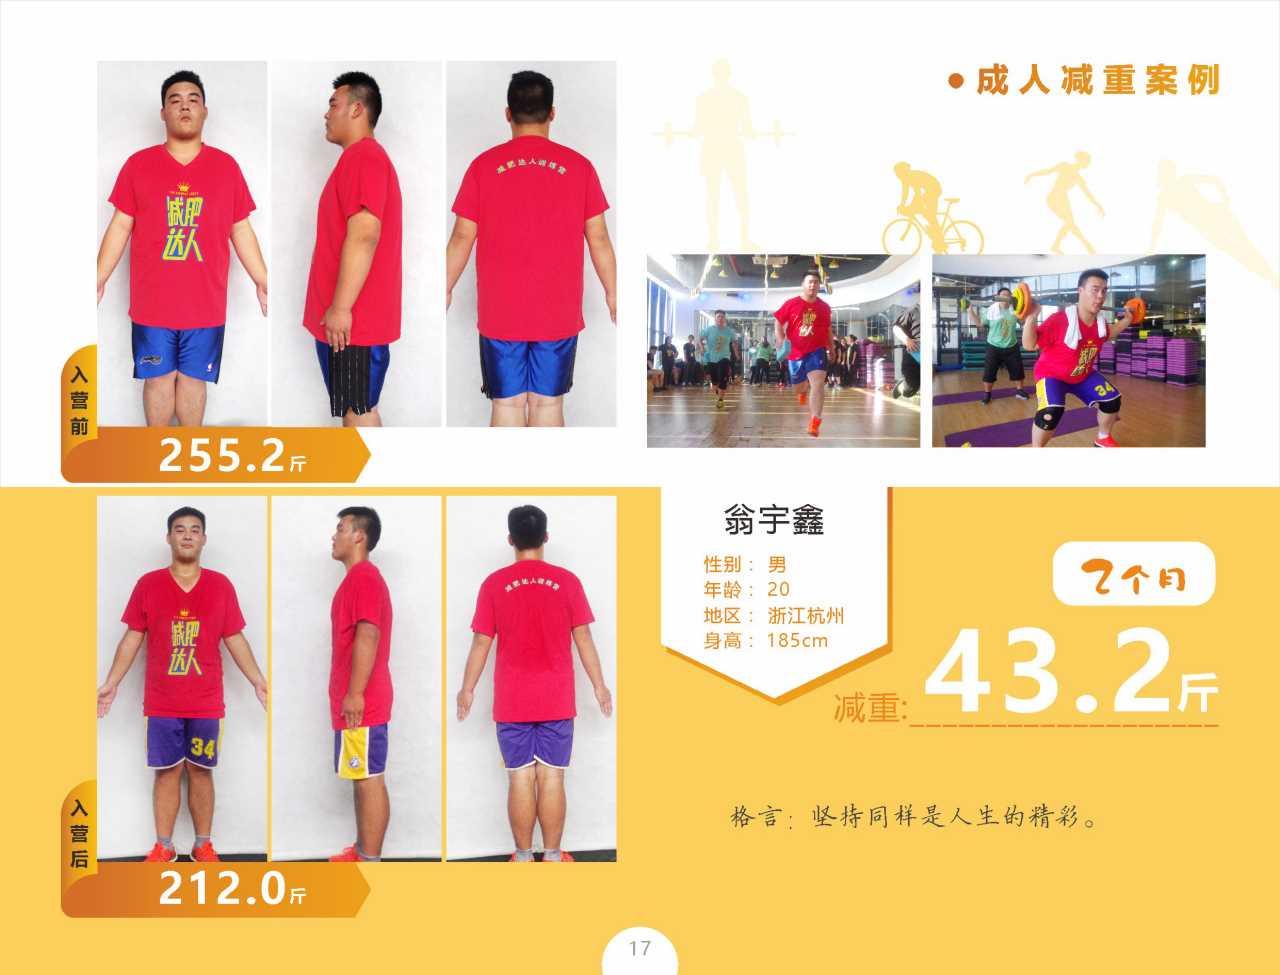 成人减肥案例翁宇鑫减重43.2斤